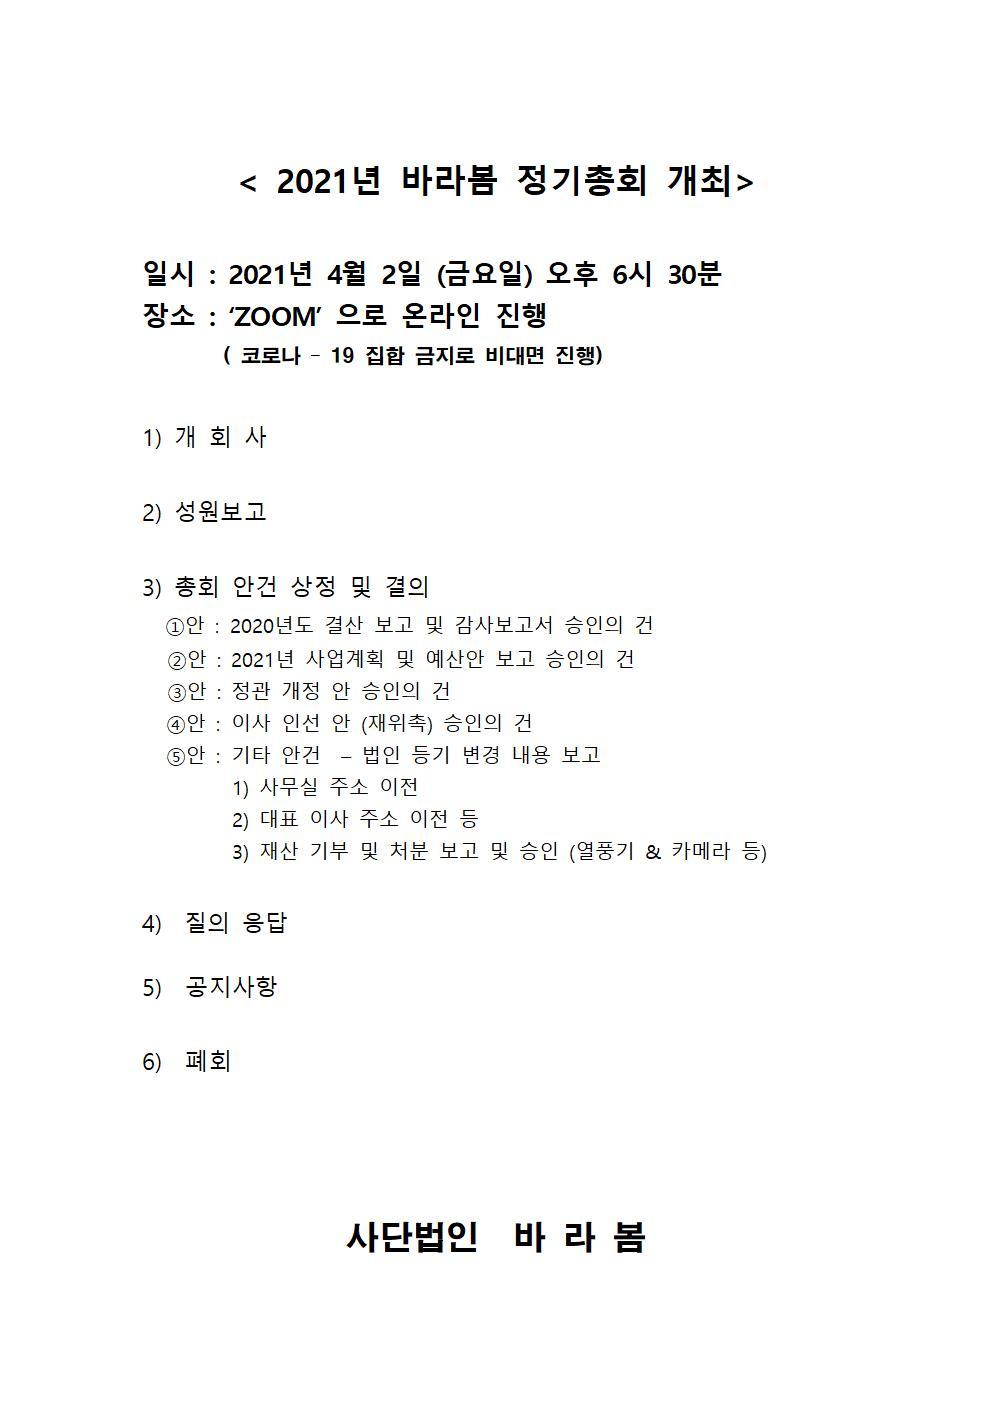 2021년 정기 총회 개최 공지 (4월2일 (금) 'ZOOM'으로 진행).jpg